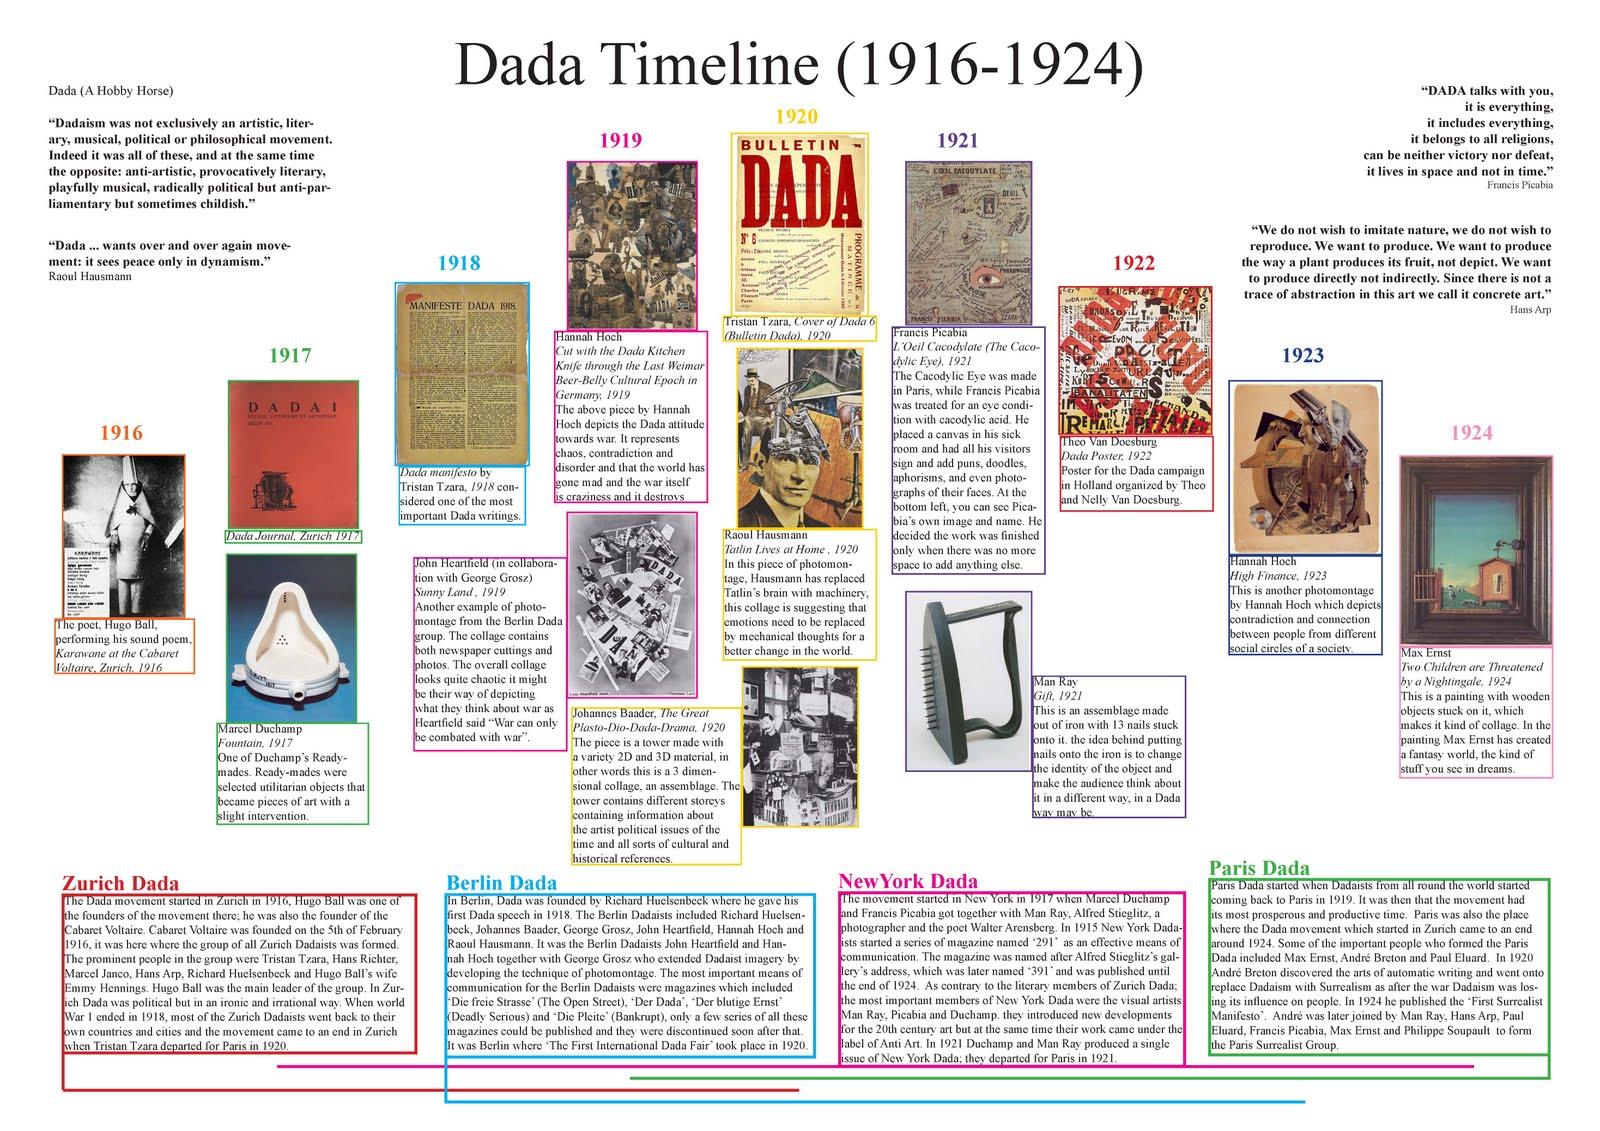 DaDa Timeline (credit: http://amnalcc.blogspot.com/2010/03/vct-timeline.html)